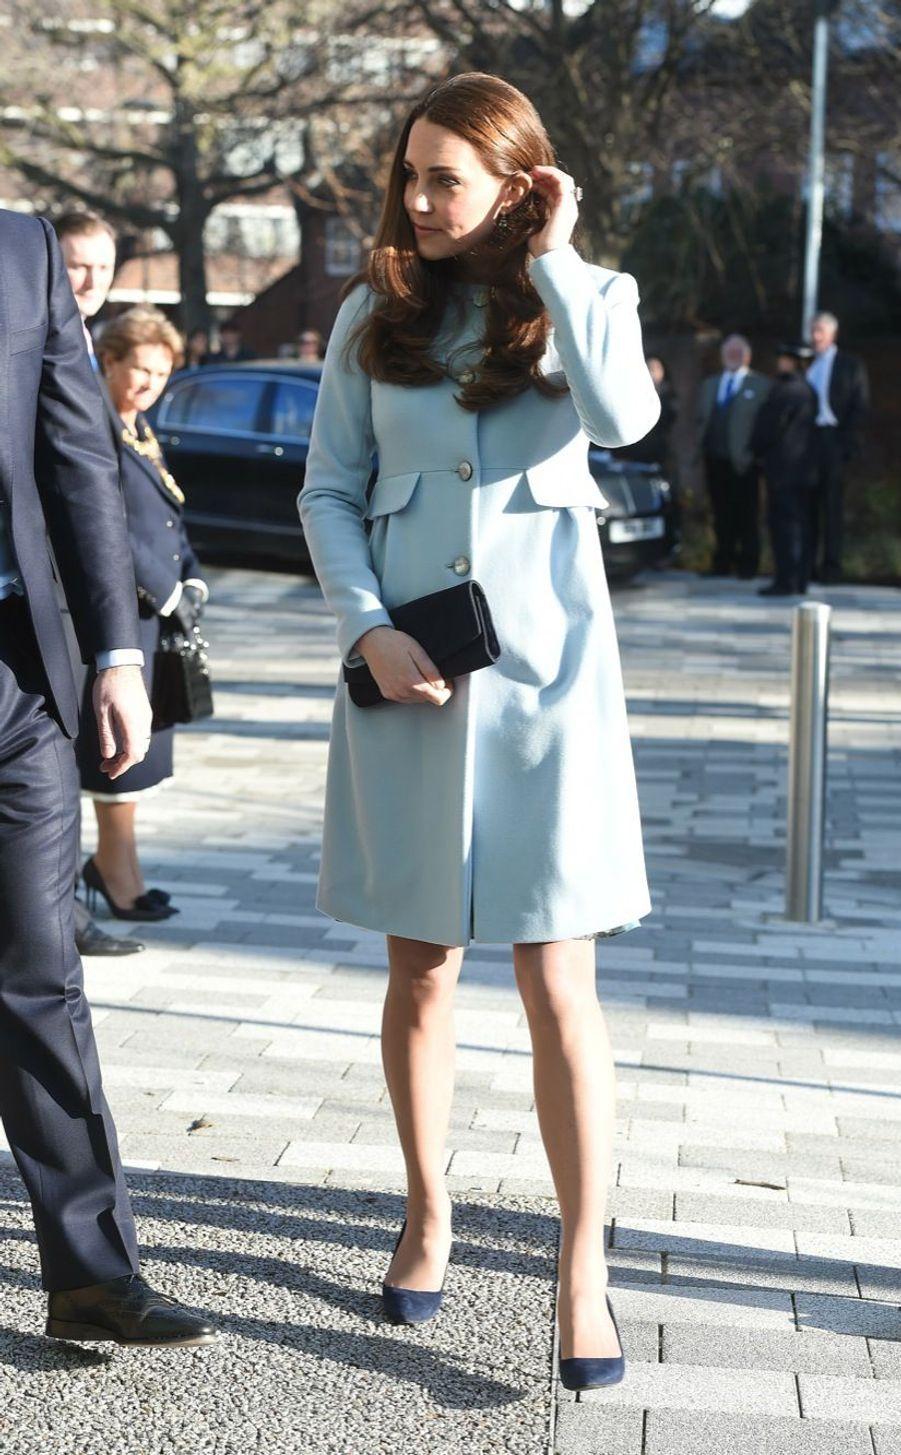 17 La Duchesse De Cambridge, Née Kate Middleton, En Visite À Kensington